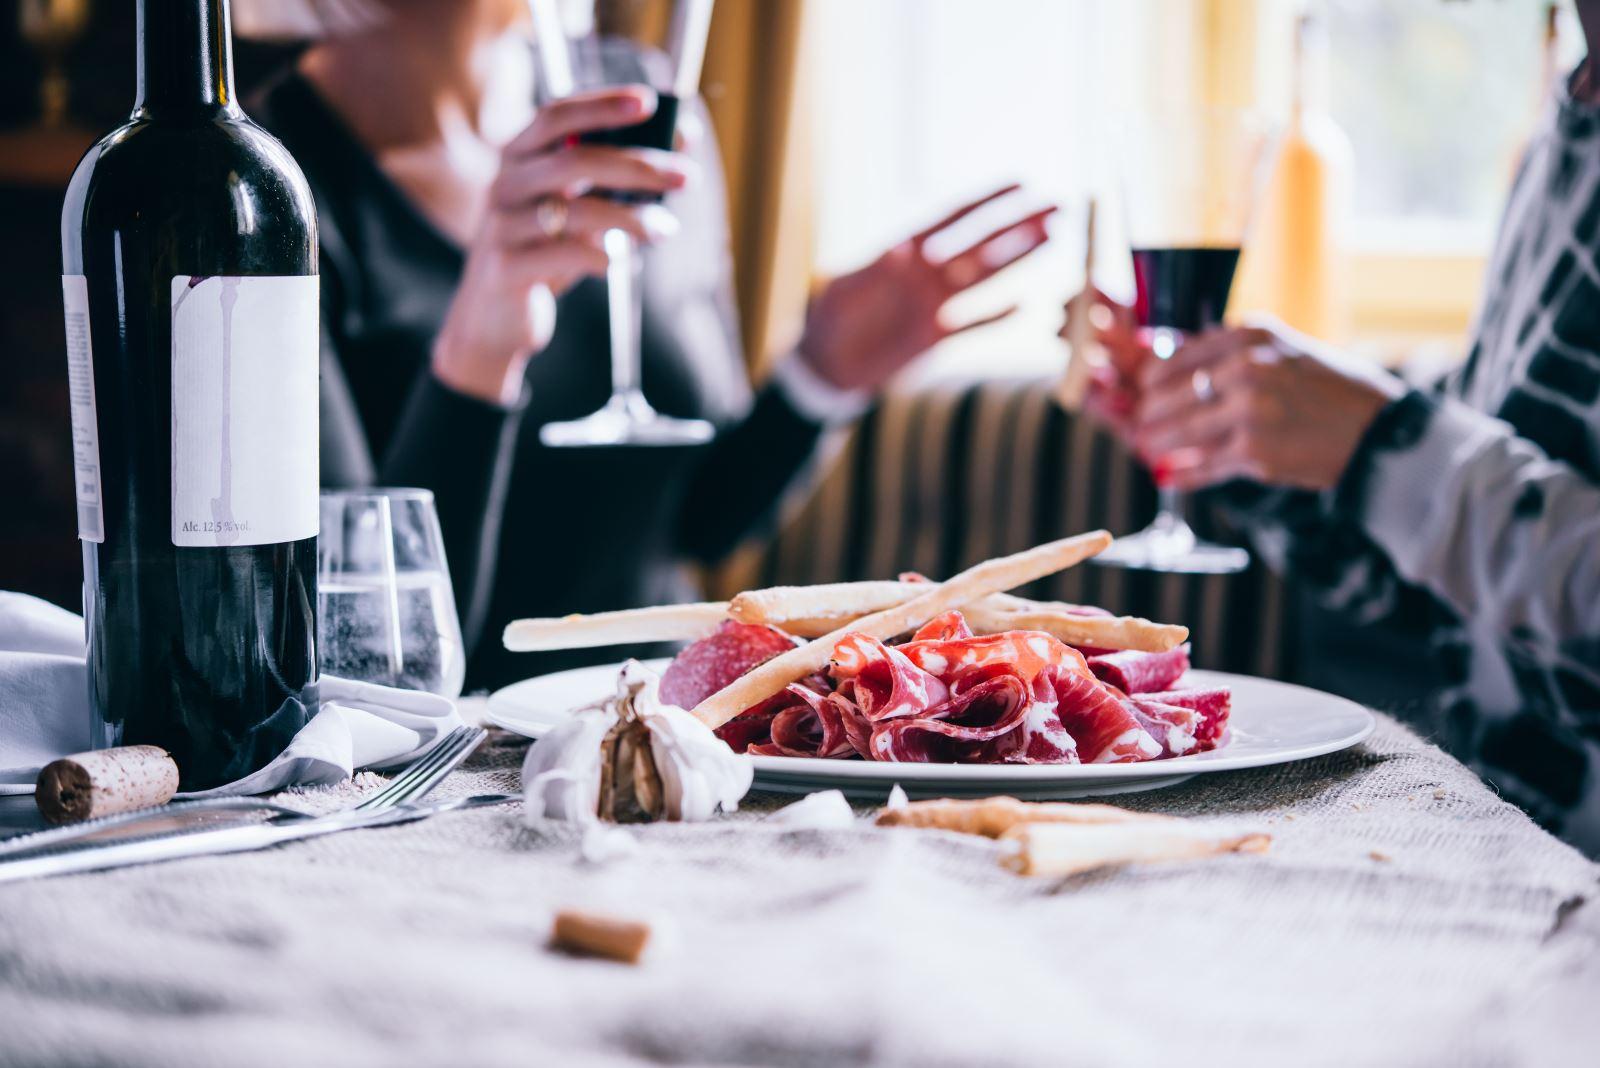 un piatto di affettati con due grissini e due persone con dei bicchieri di vino rosso